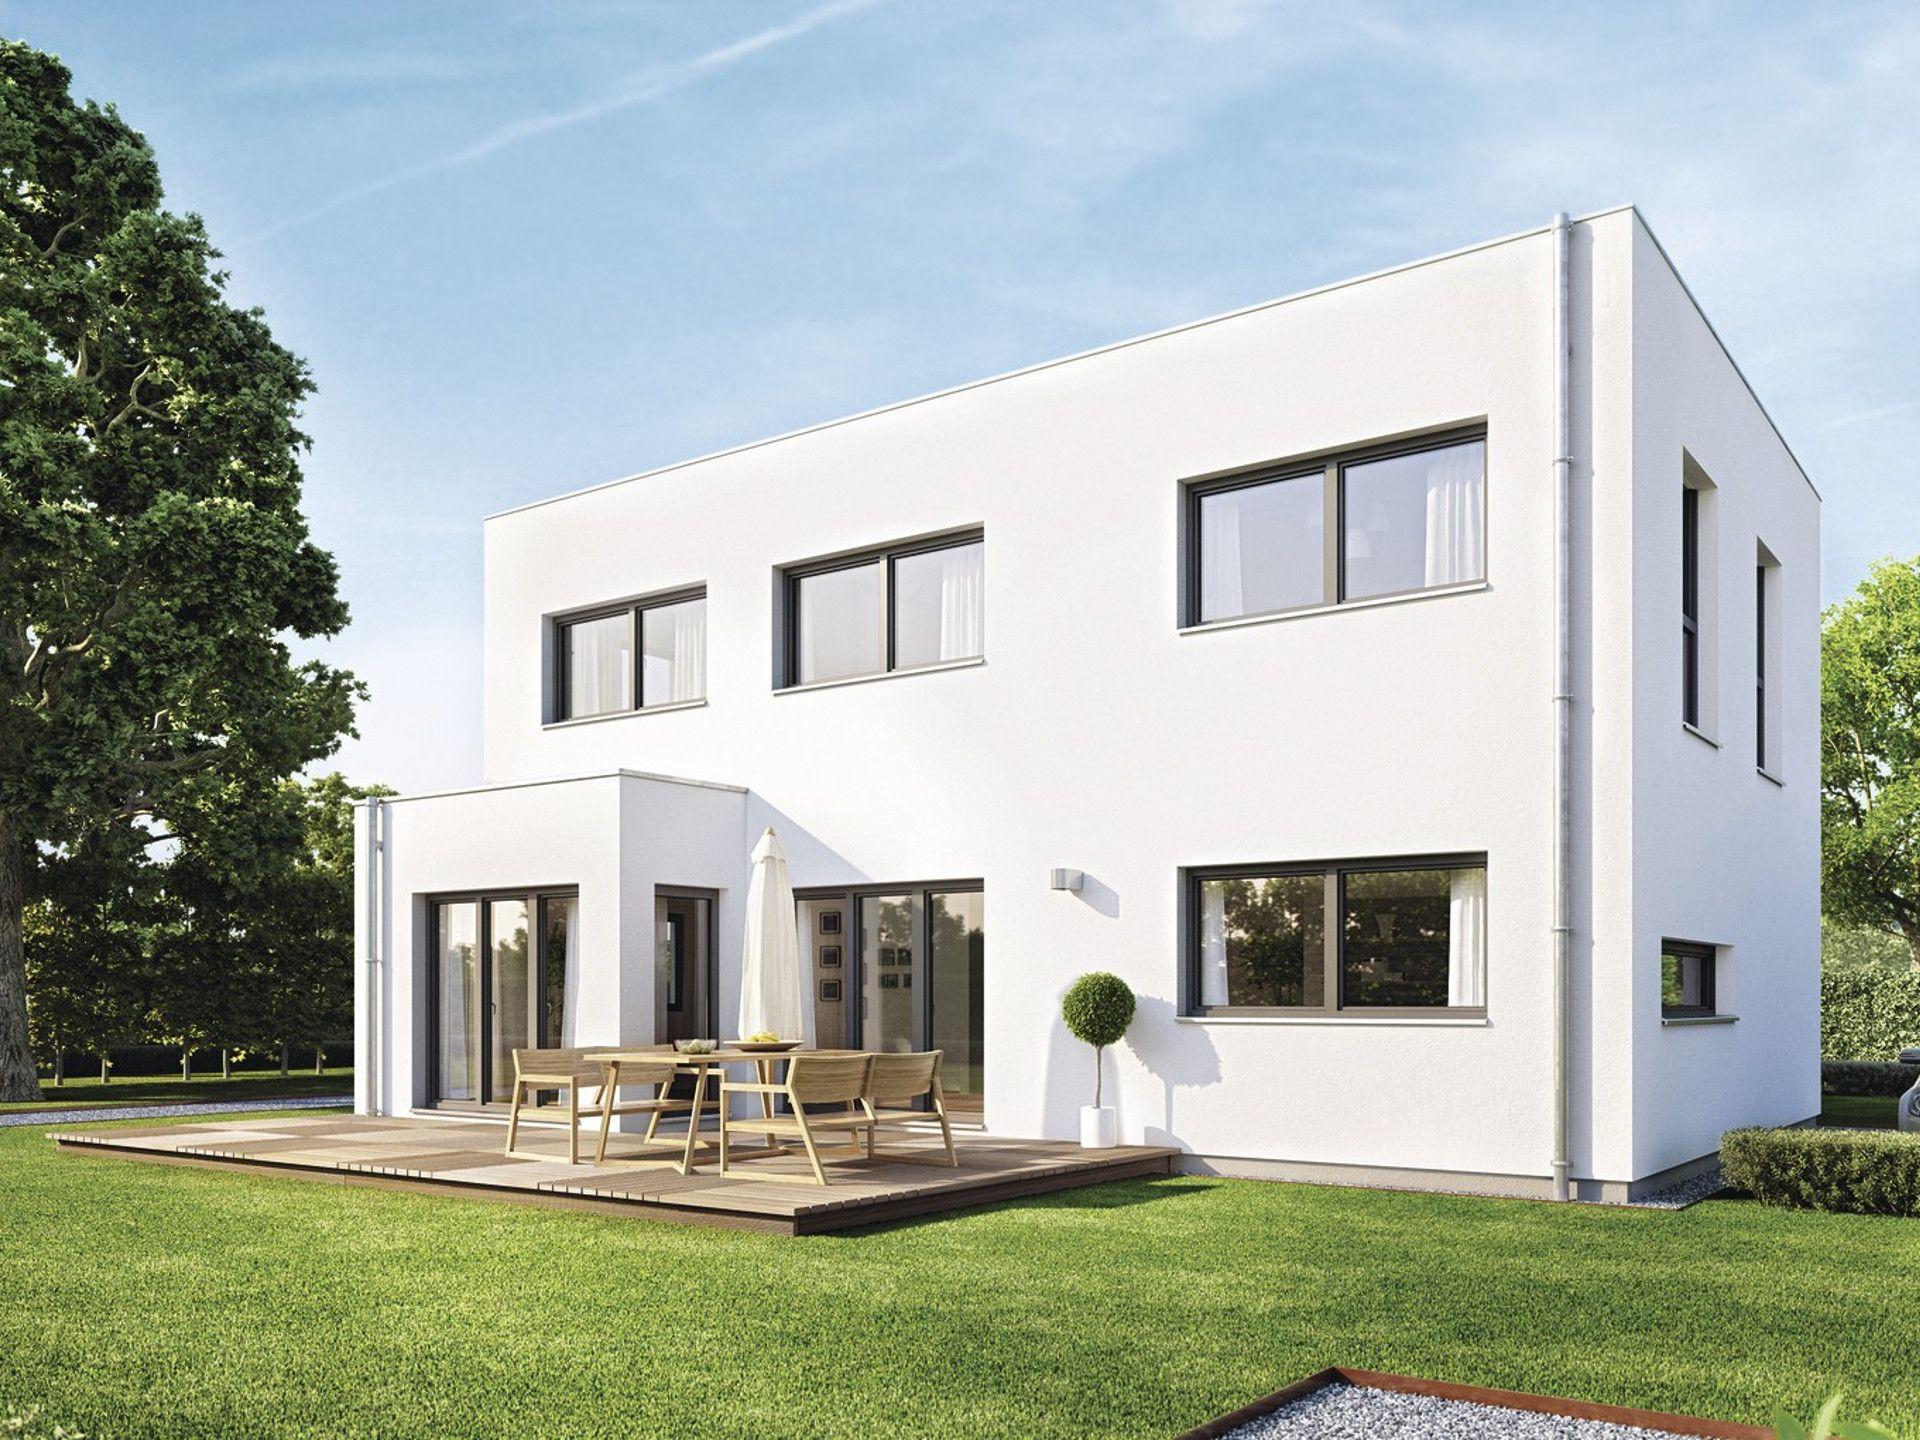 Haus sunshine 110 • einfamilienhaus von weberhaus • modernes fertighaus im bauhaus stil mit gut